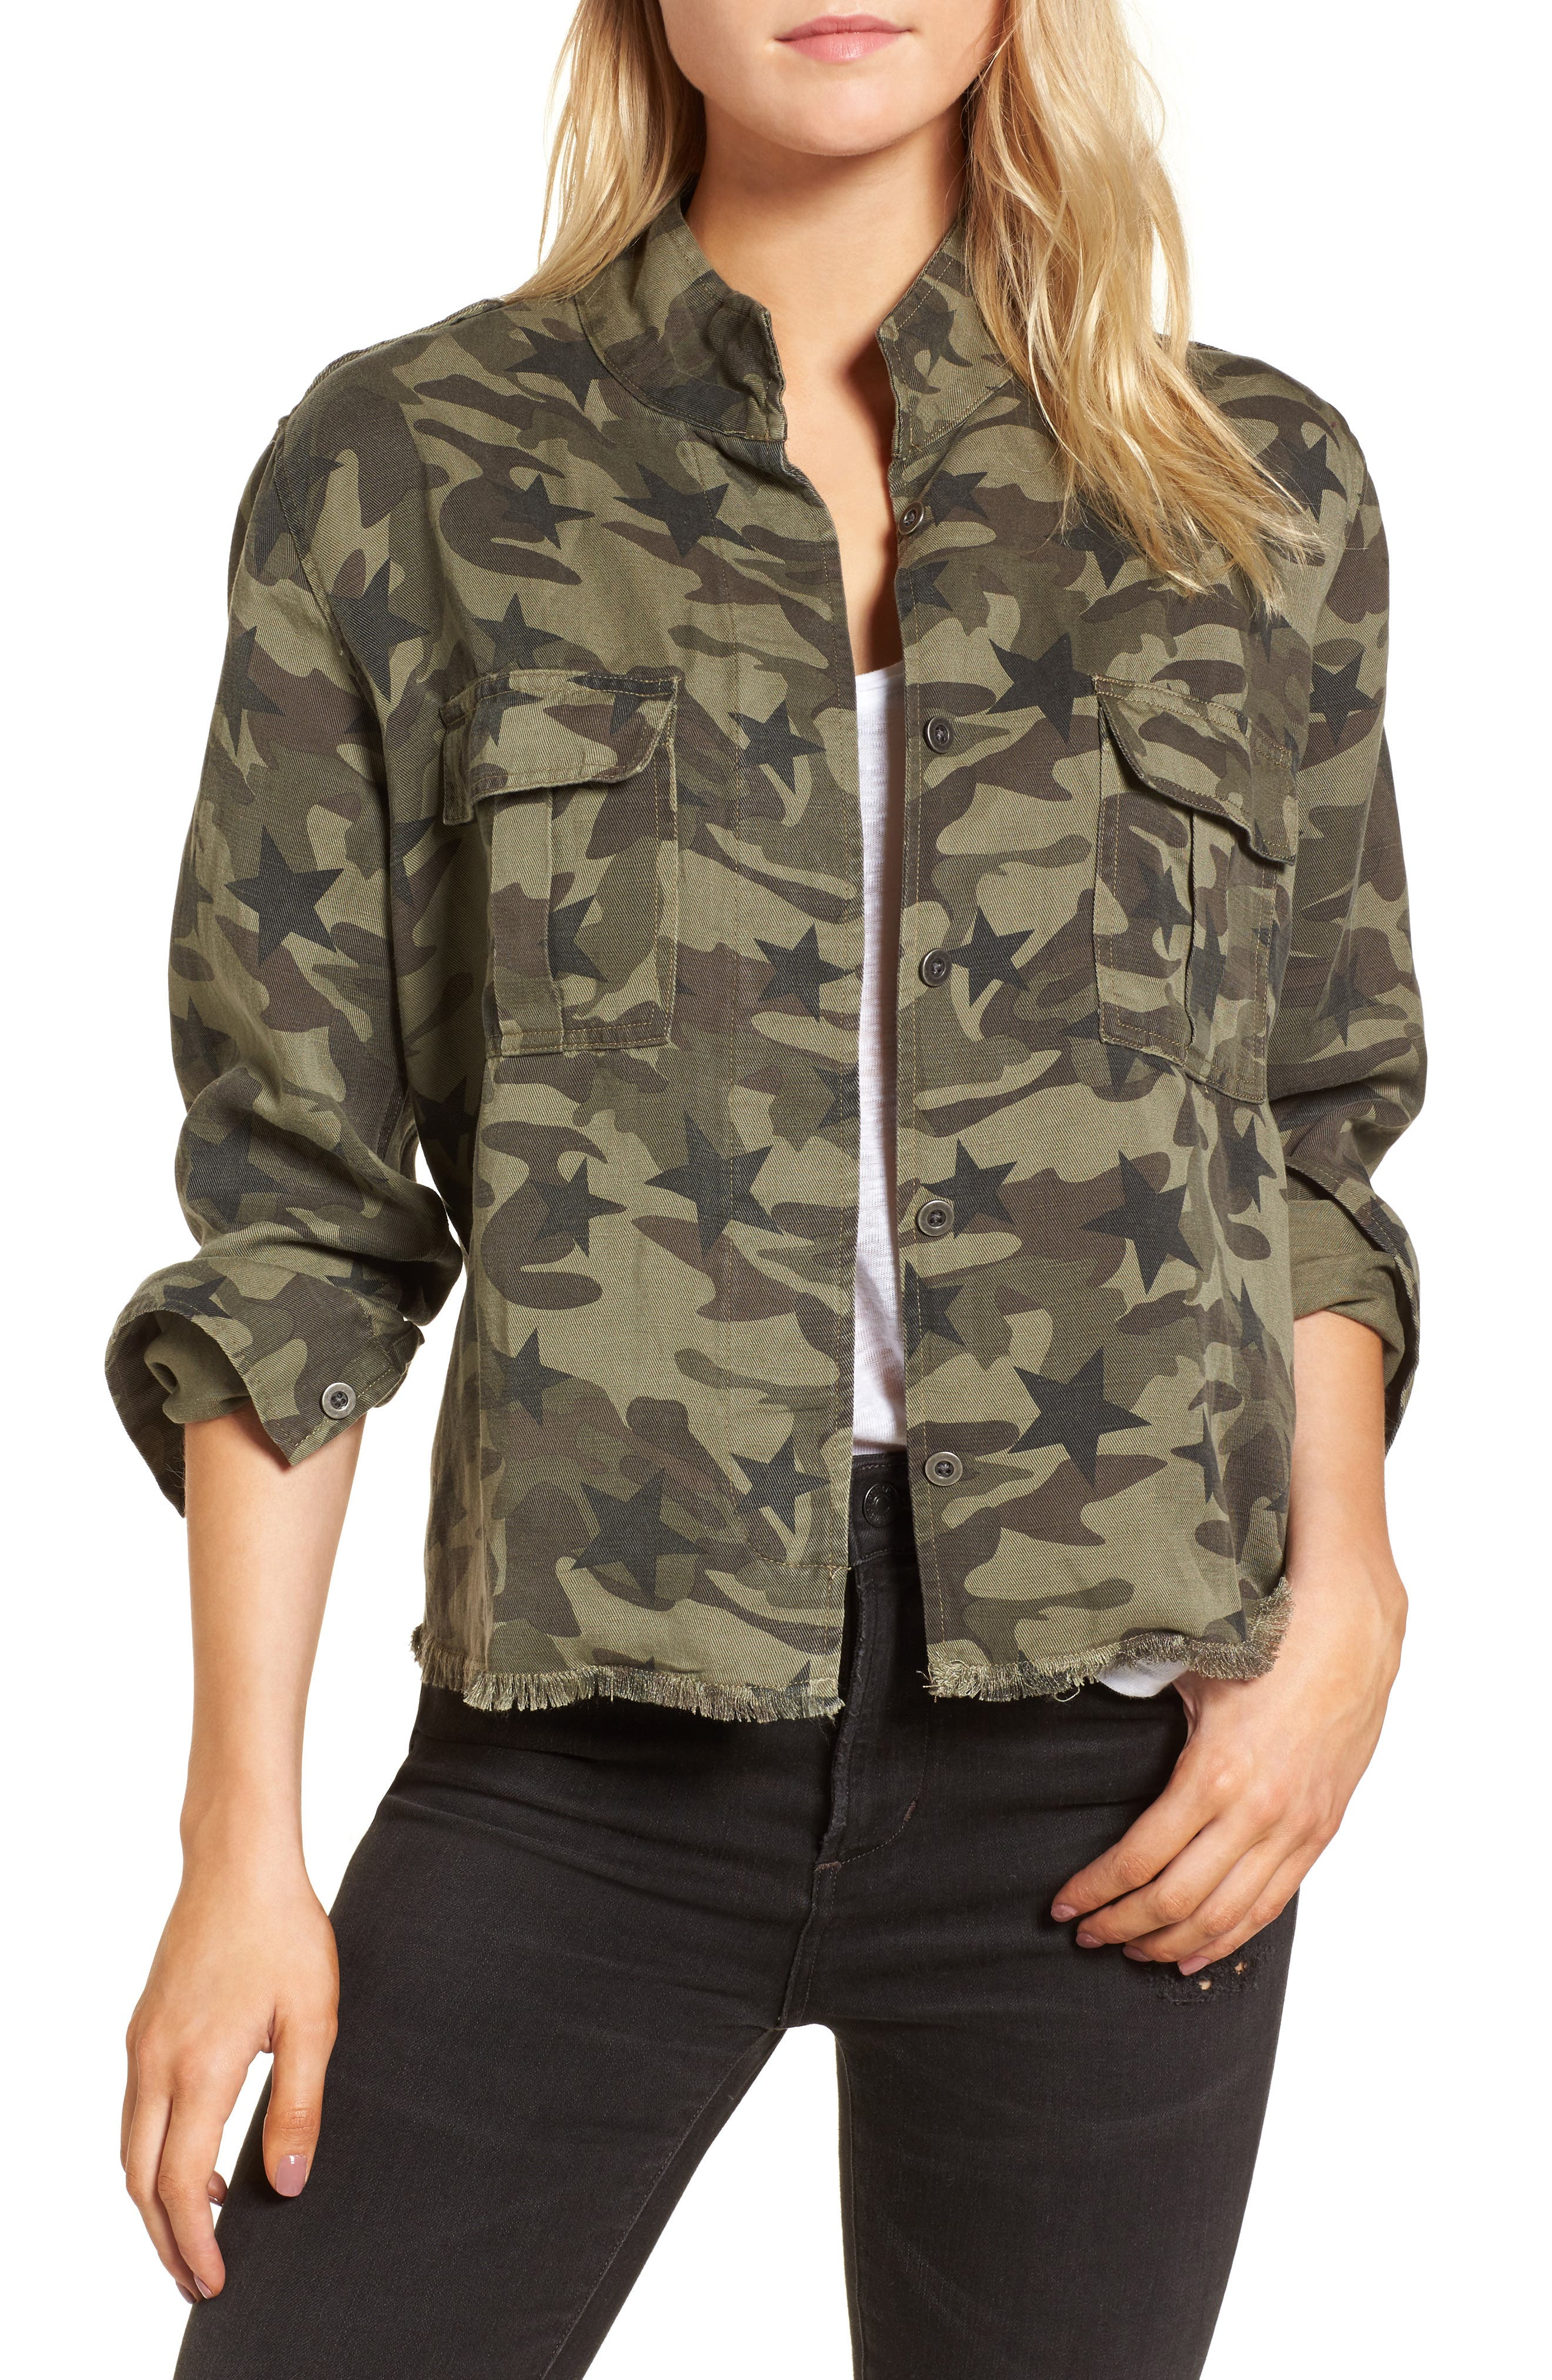 Hendrick Camo Military Jacket,                             Main thumbnail 1, color,                             Star Camo